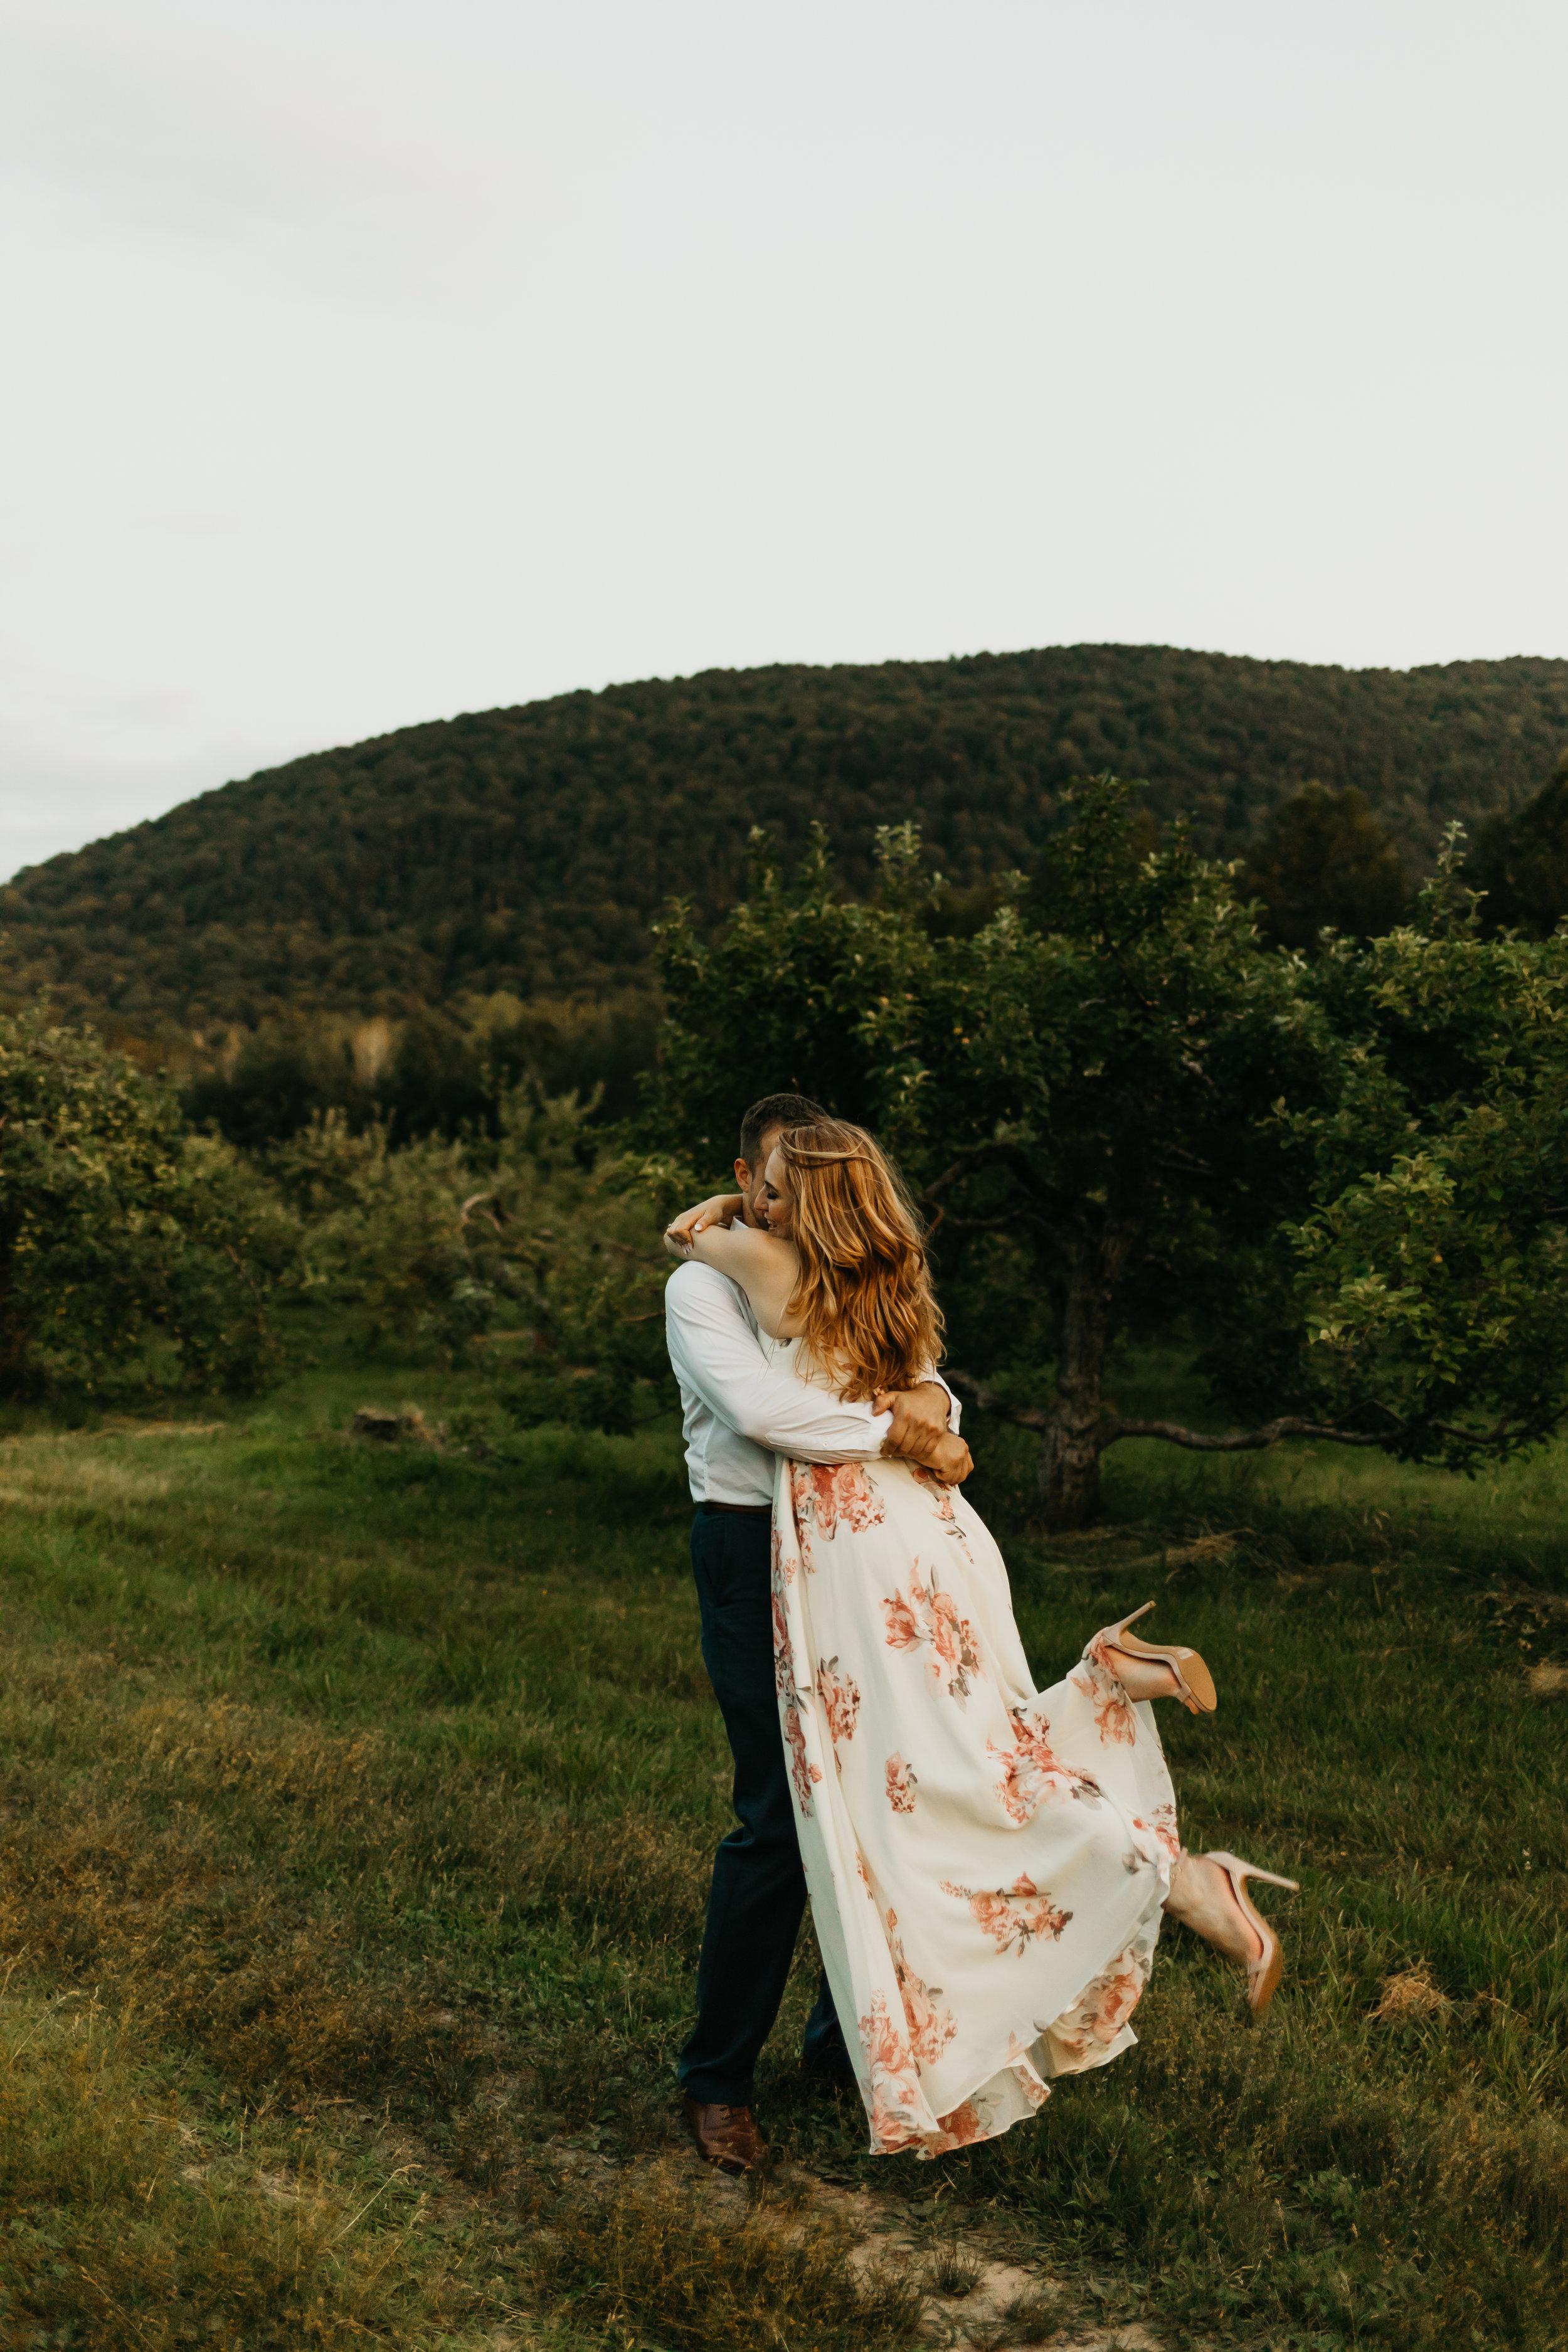 Engagement-shoot-Mont-saint-hilaire-québec-2842.jpg